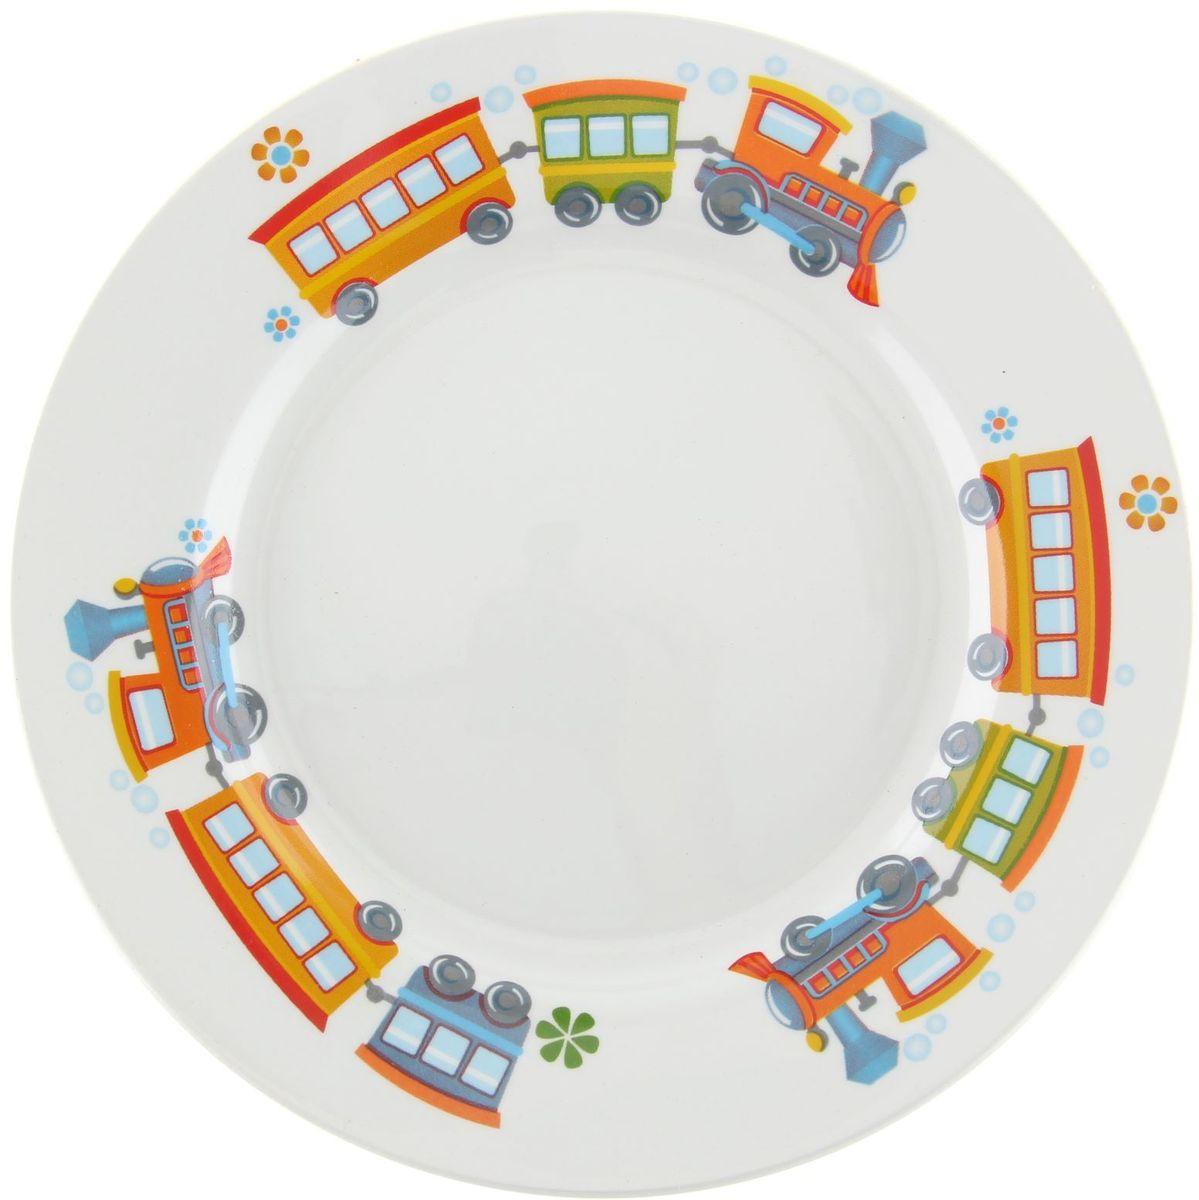 Кубаньфарфор Тарелка детская Паровозик1301380Фаянсовая детская посуда с забавным рисунком понравится каждому малышу. Изделие из качественного материала станет правильным выбором для повседневной эксплуатации и поможет превратить каждый прием пищи в радостное приключение.Особенности:- простота мойки,- стойкость к запахам,- насыщенный цвет.